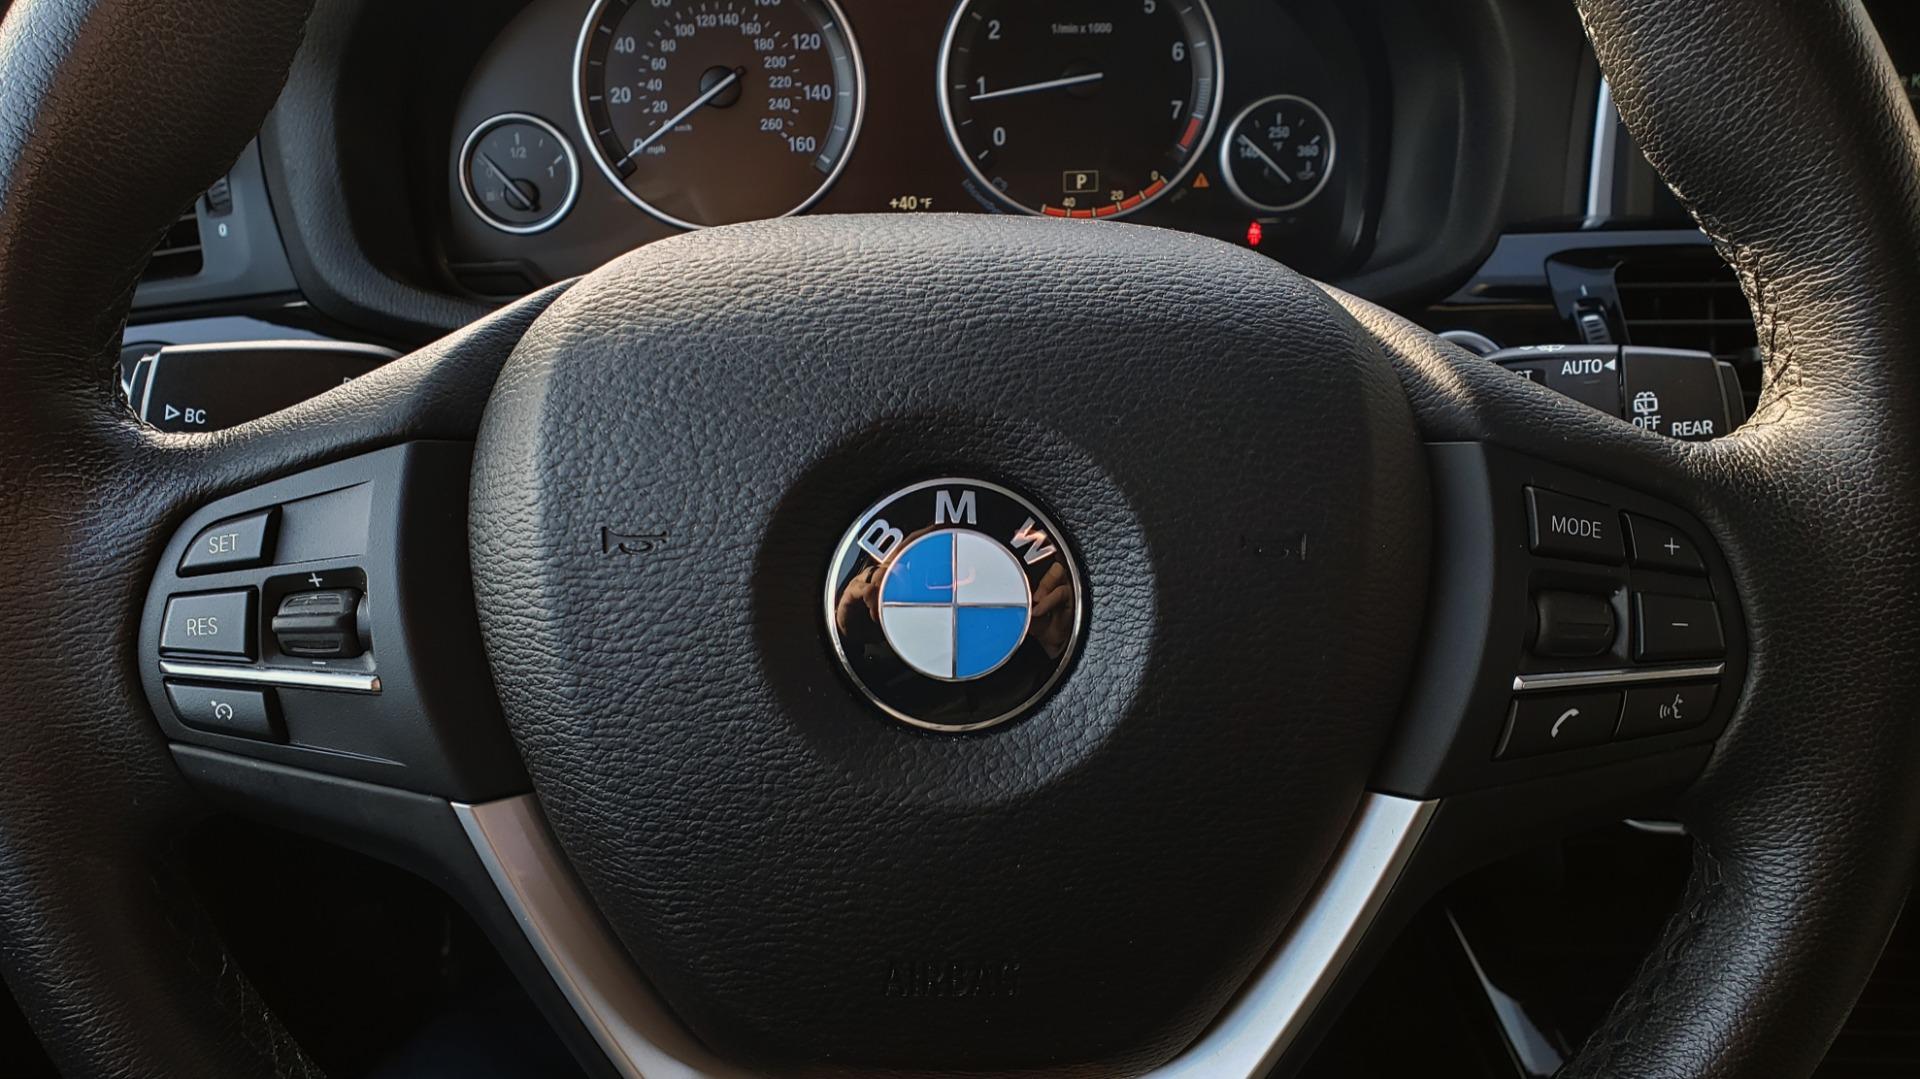 Used 2017 BMW X3 XDRIVE28I / PREM PKG / NAV / DRVR ASST / HTD STS / CAMERAS for sale Sold at Formula Imports in Charlotte NC 28227 46